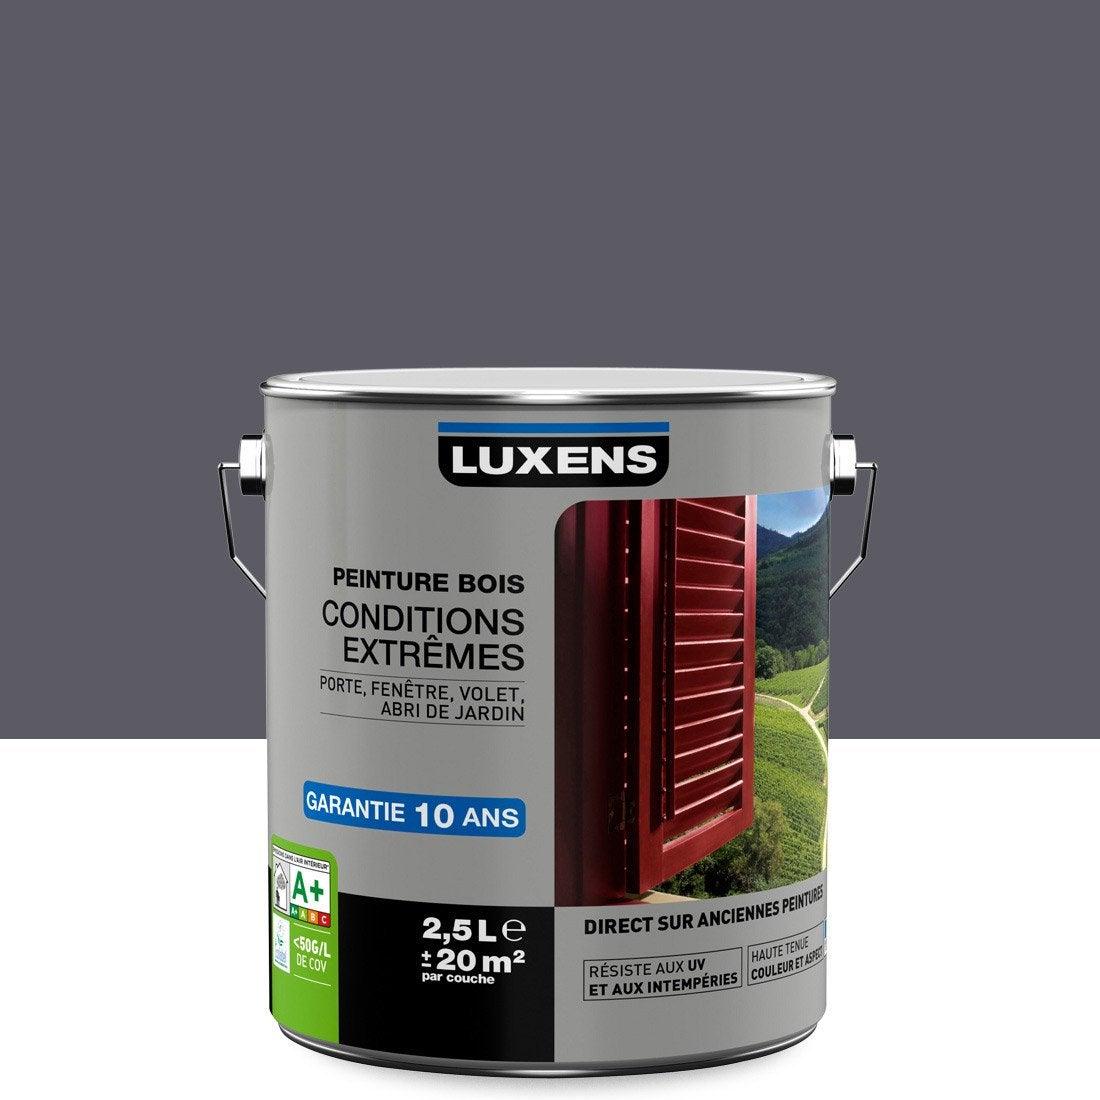 Peinture bois ext rieur conditions extr mes luxens gris for Peinture exterieur